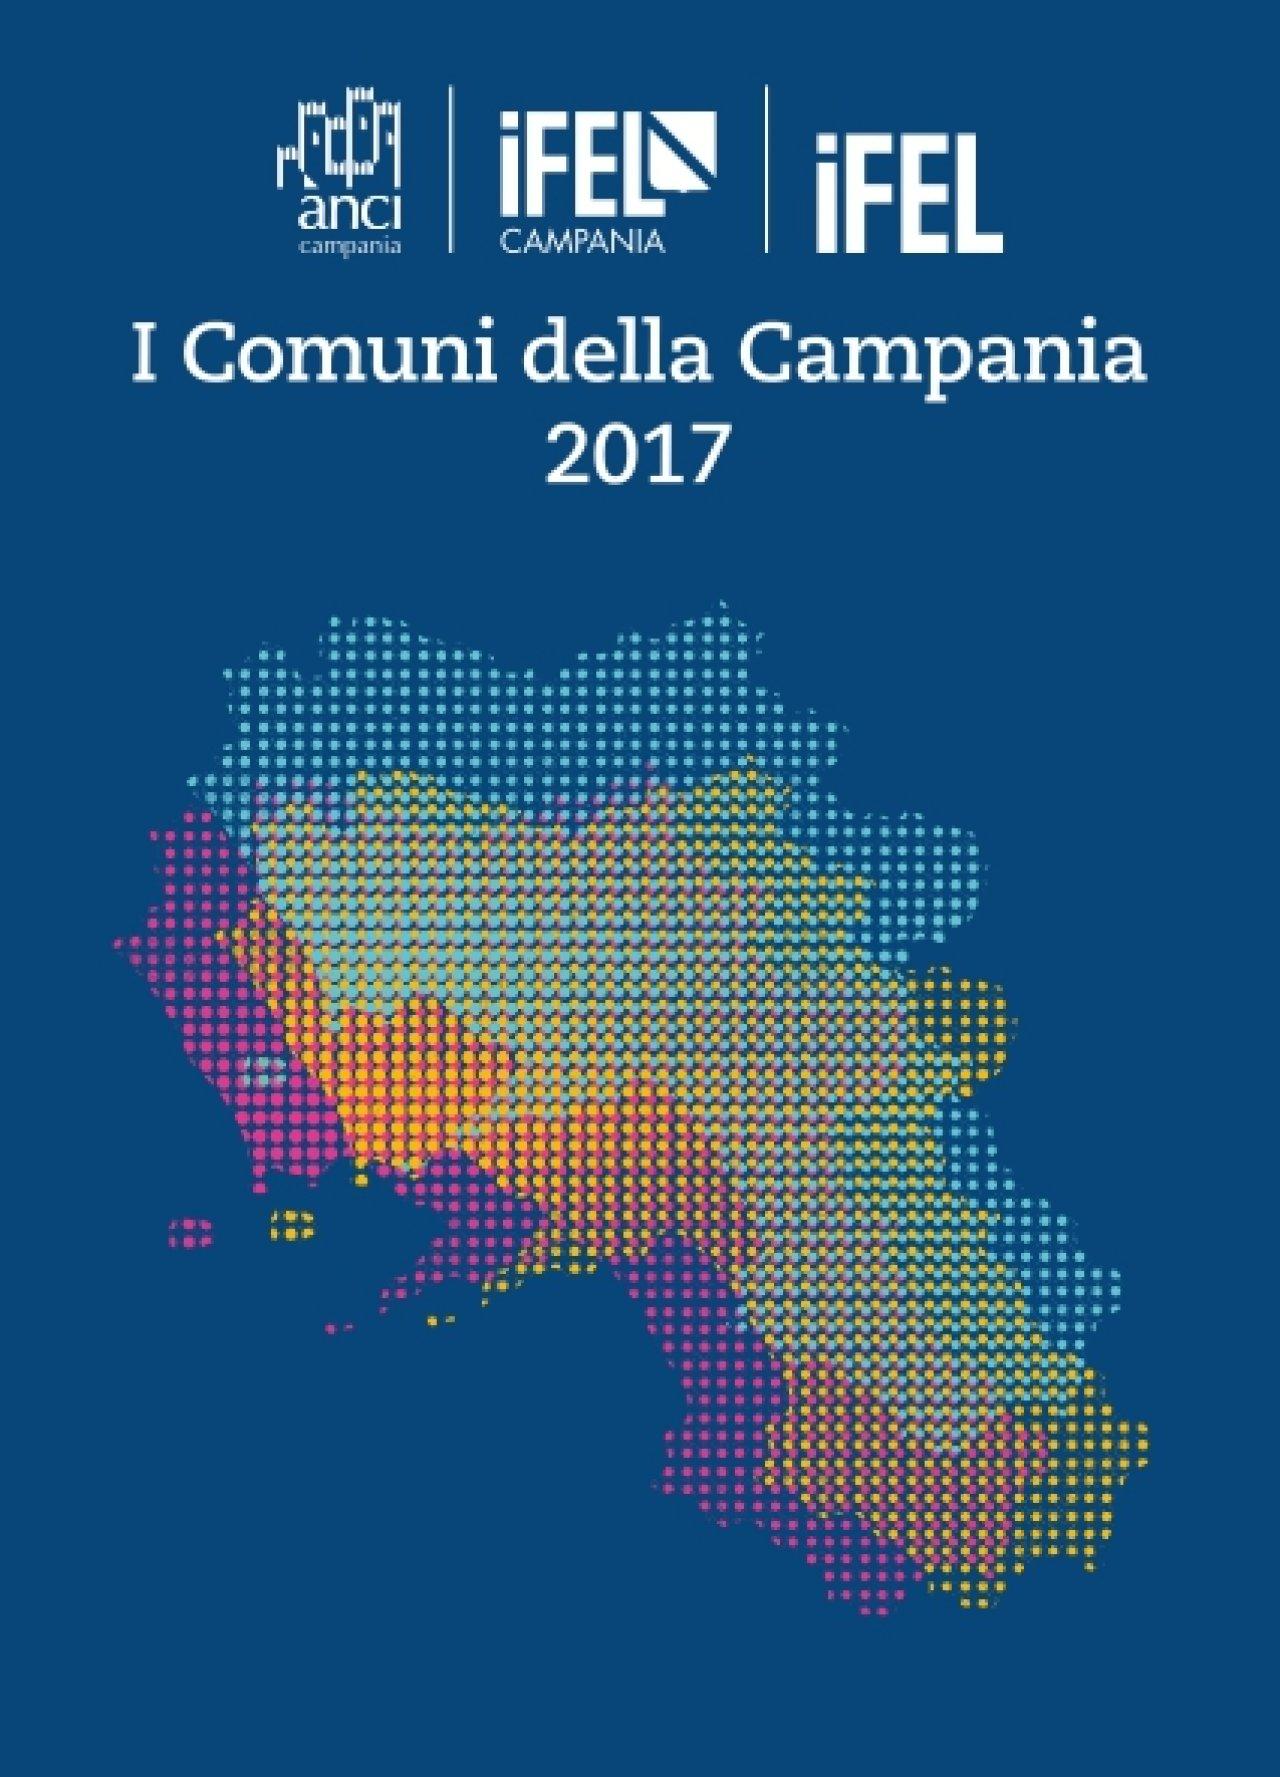 I Comuni della Campania 2017